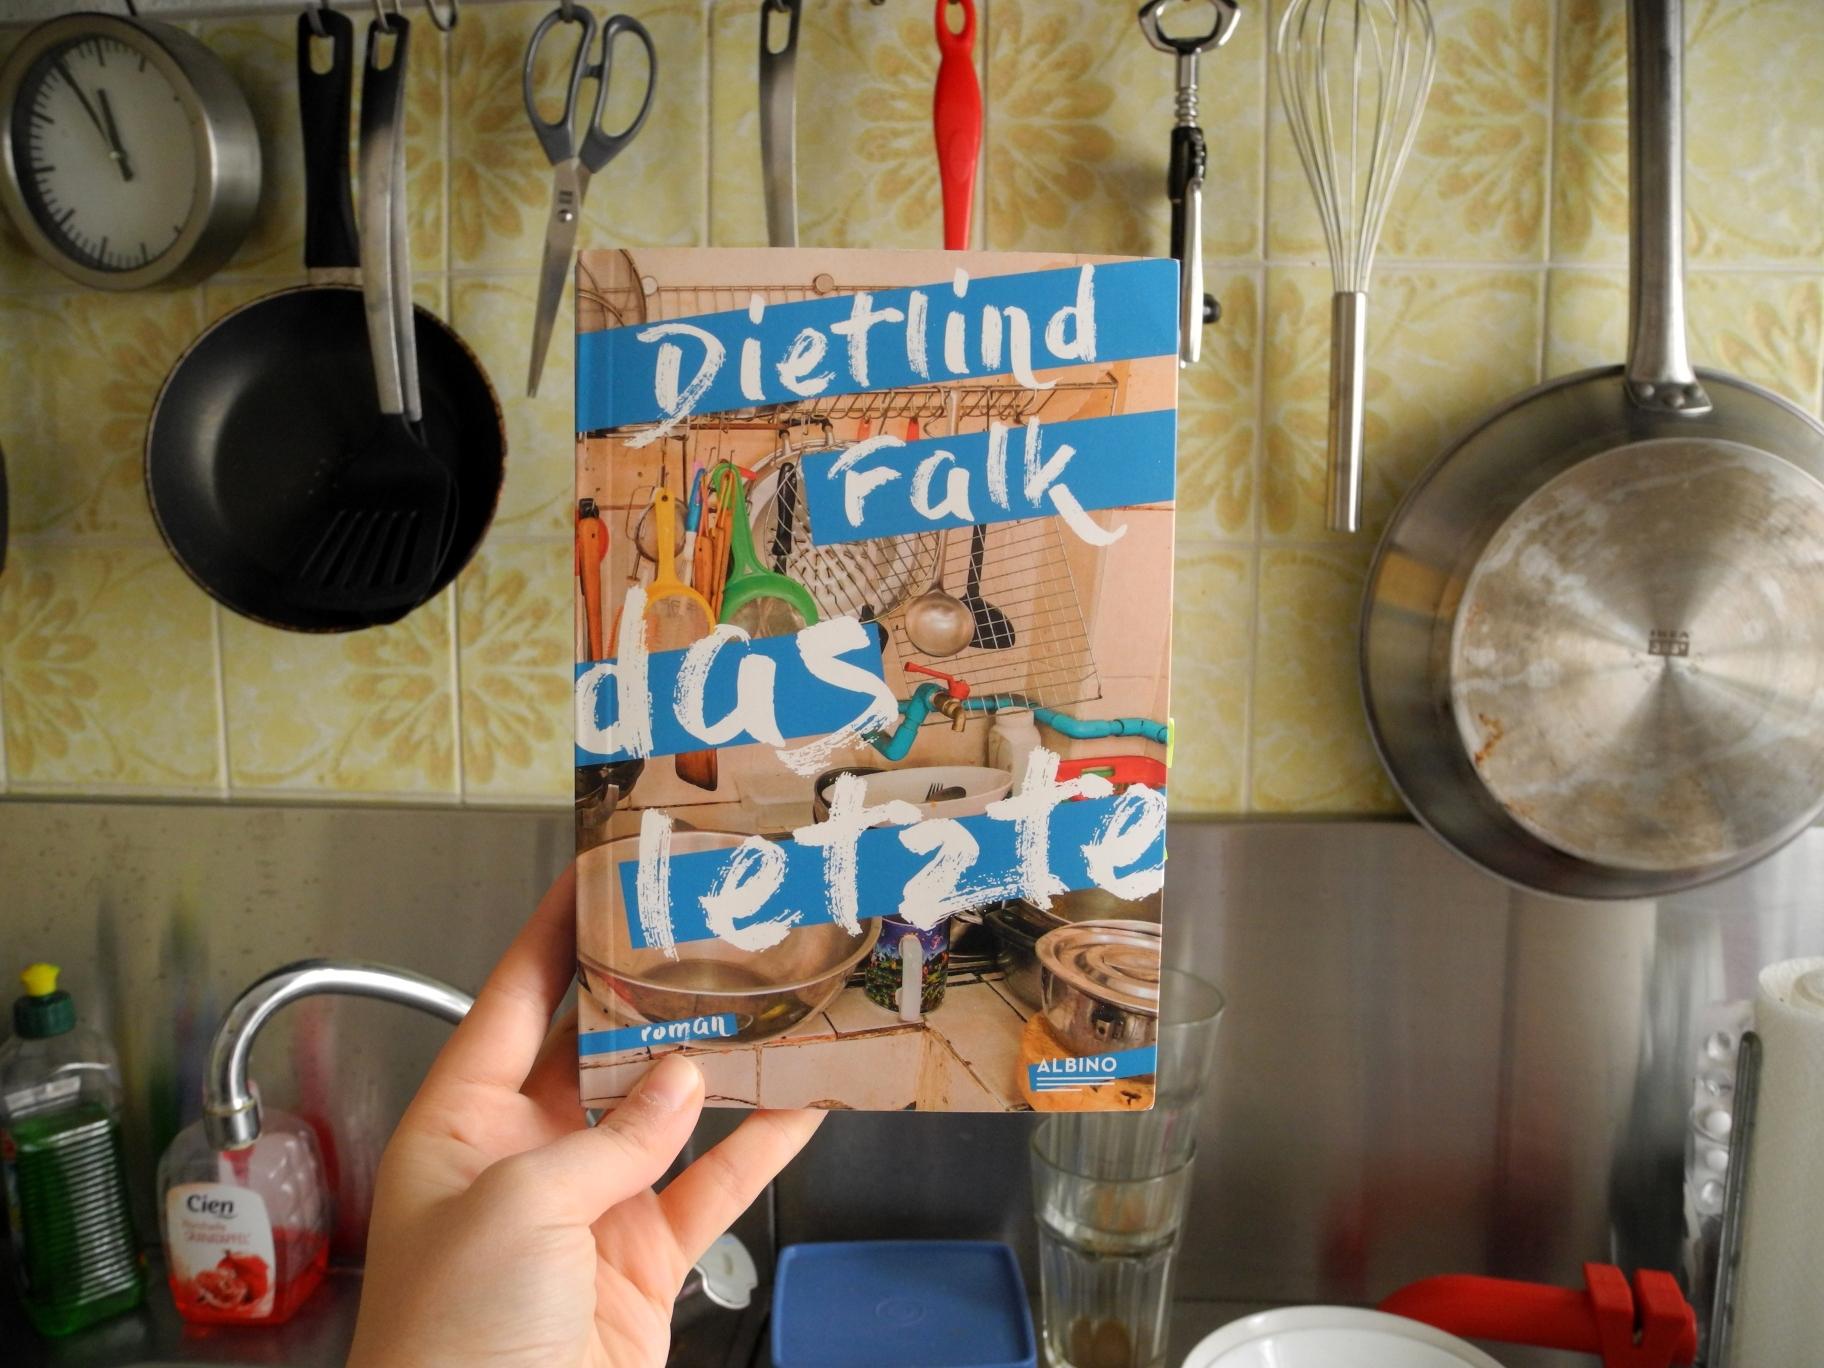 Dietlind Falk: Das Letzte